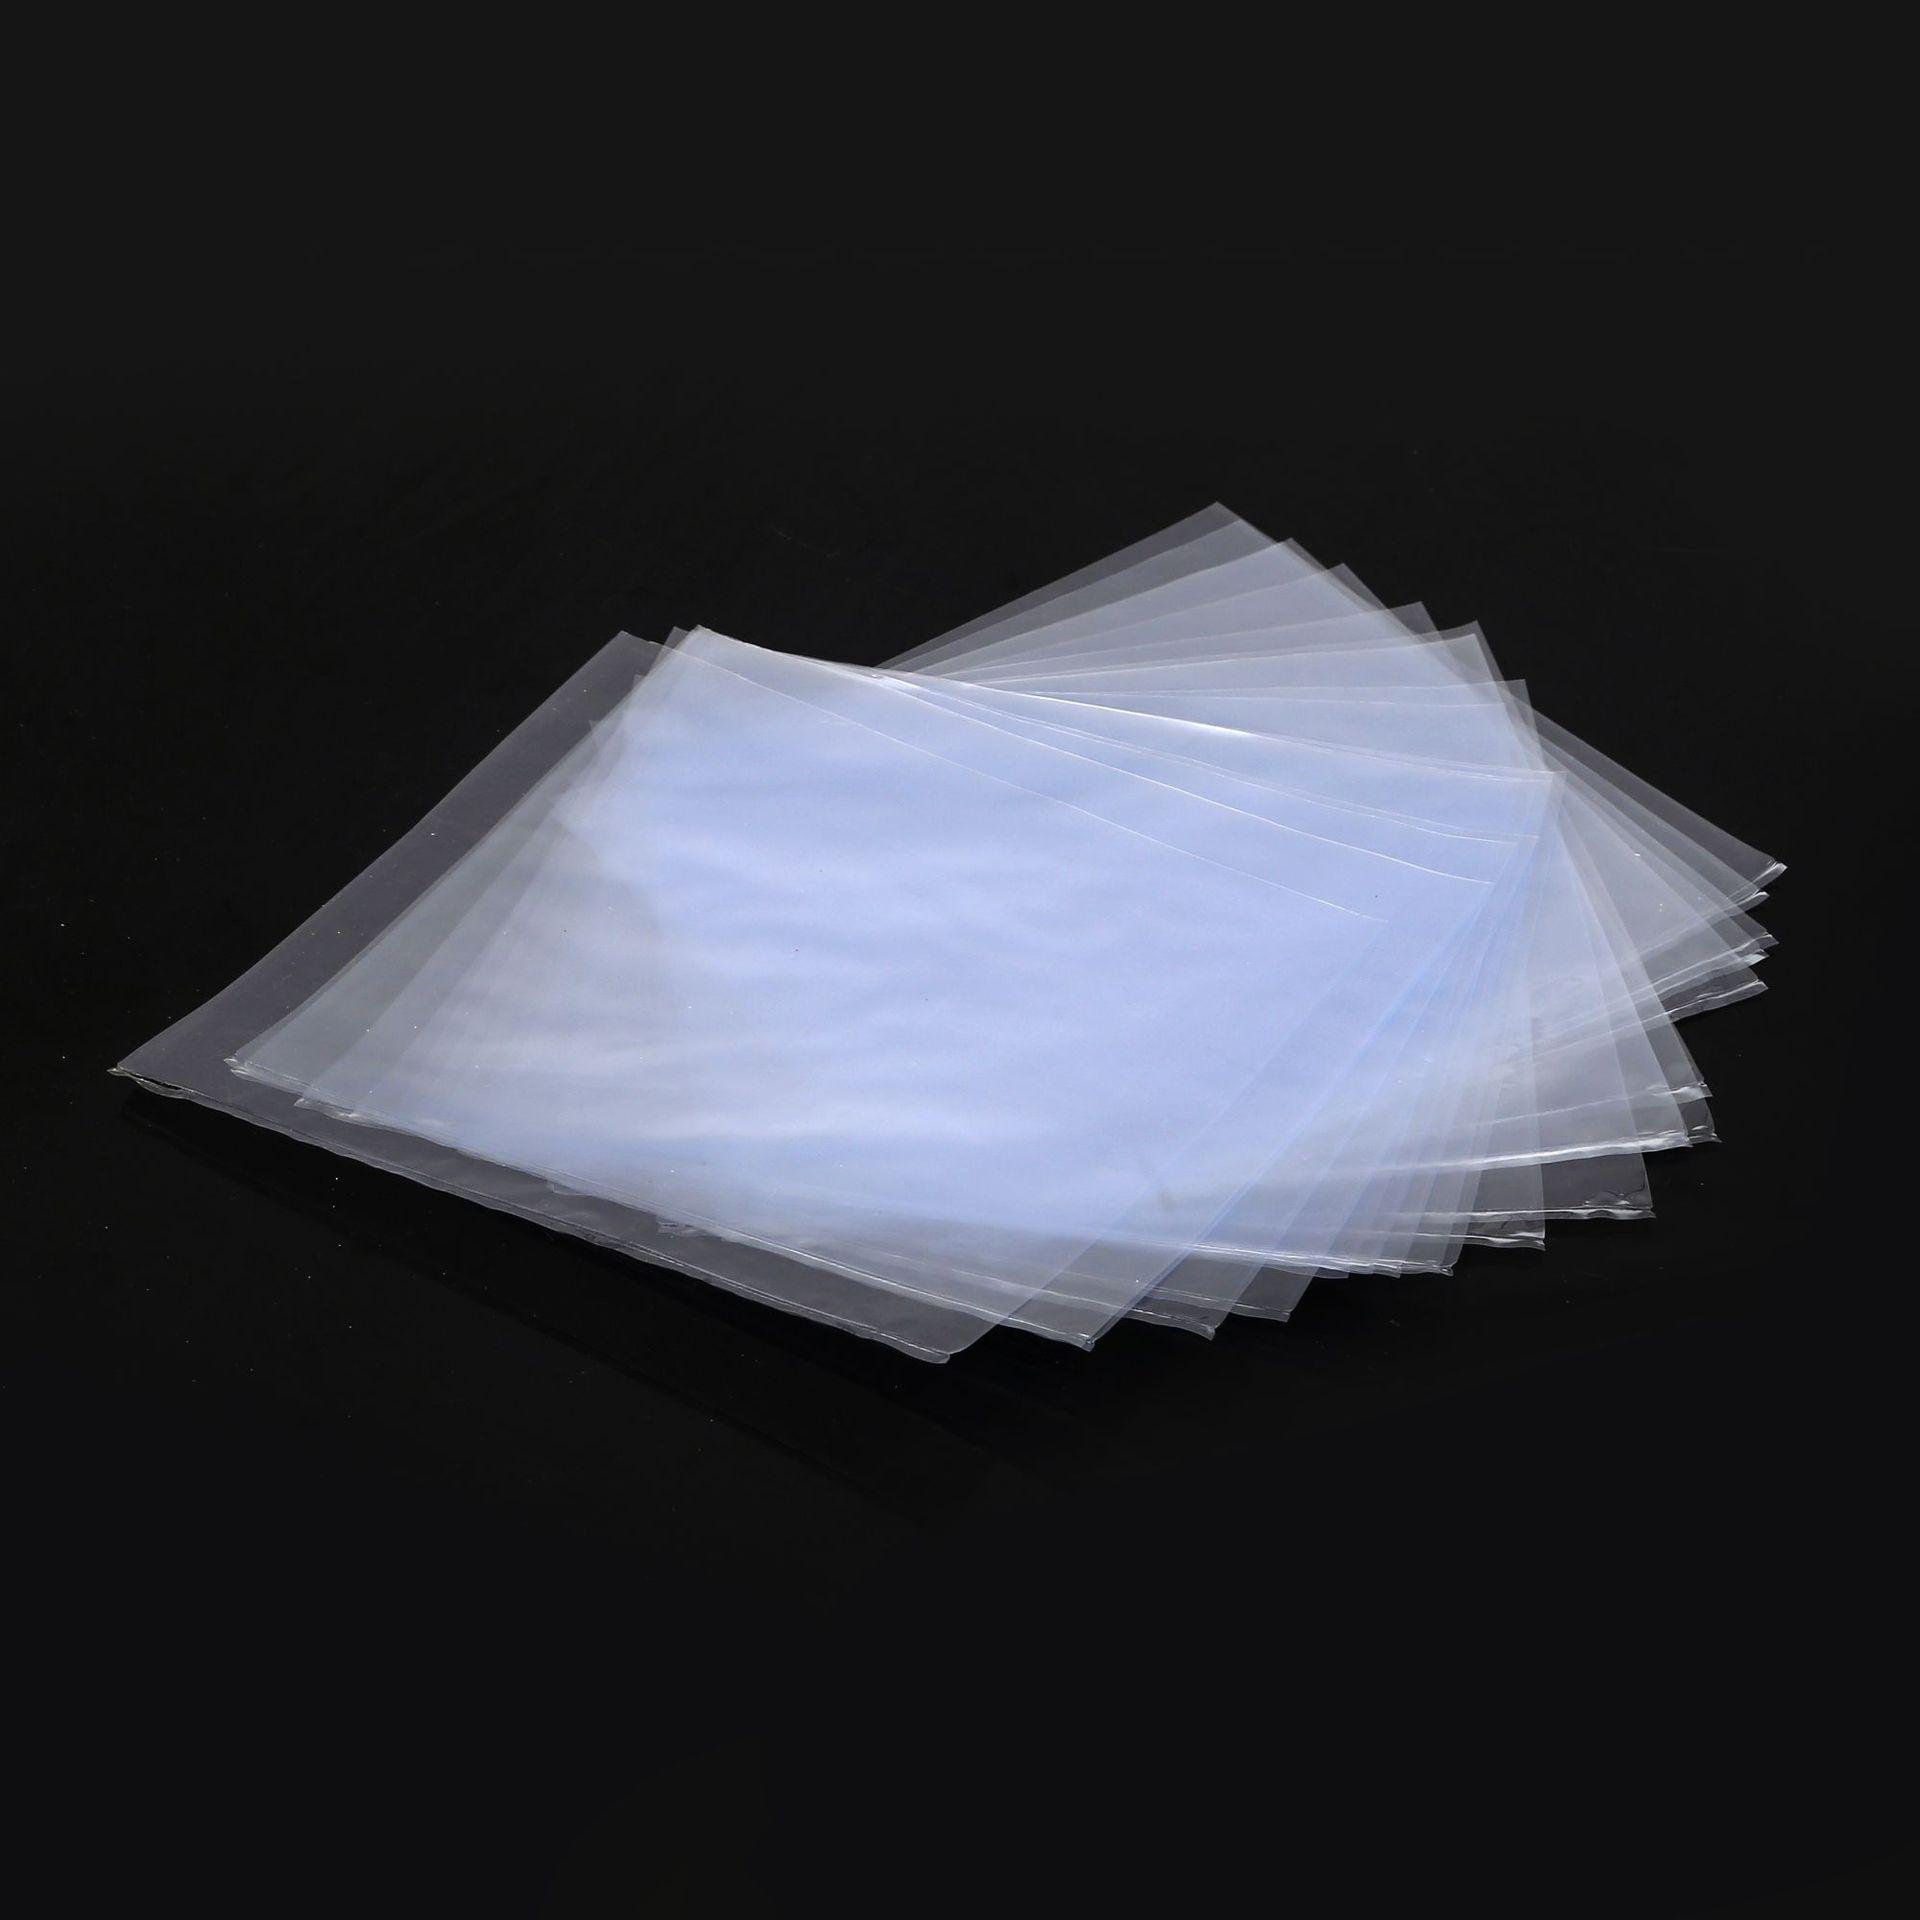 直销无毒环保透明塑料收缩膜袋热缩圆封袋订做圆底热切封口弧形袋